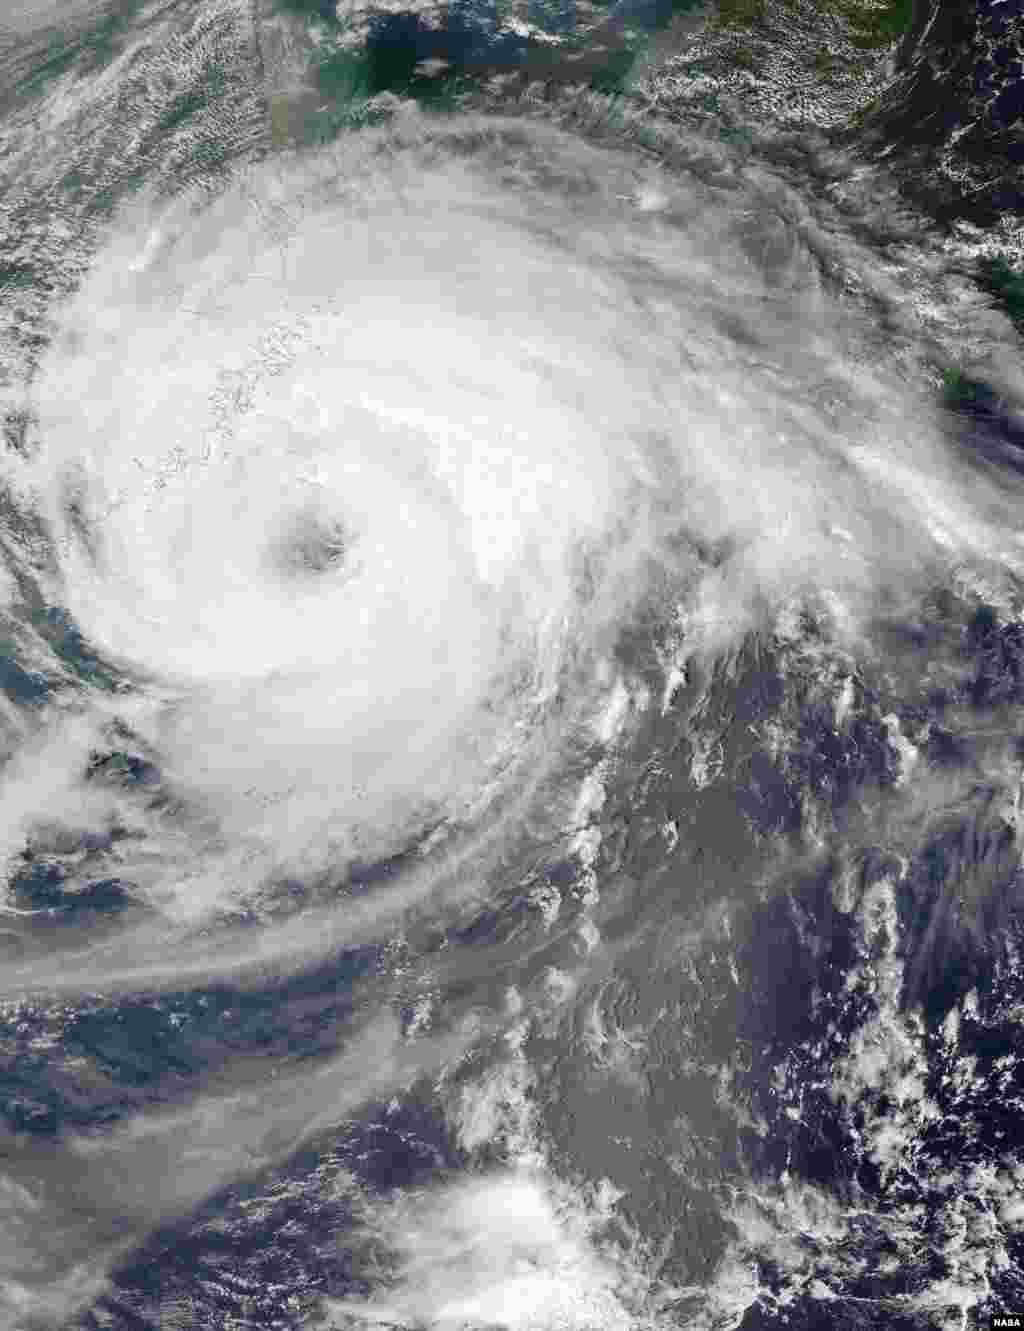 سیٹلائٹ سے حاصل کردہ ٹائفون کی ایک تصویر۔ ناسا